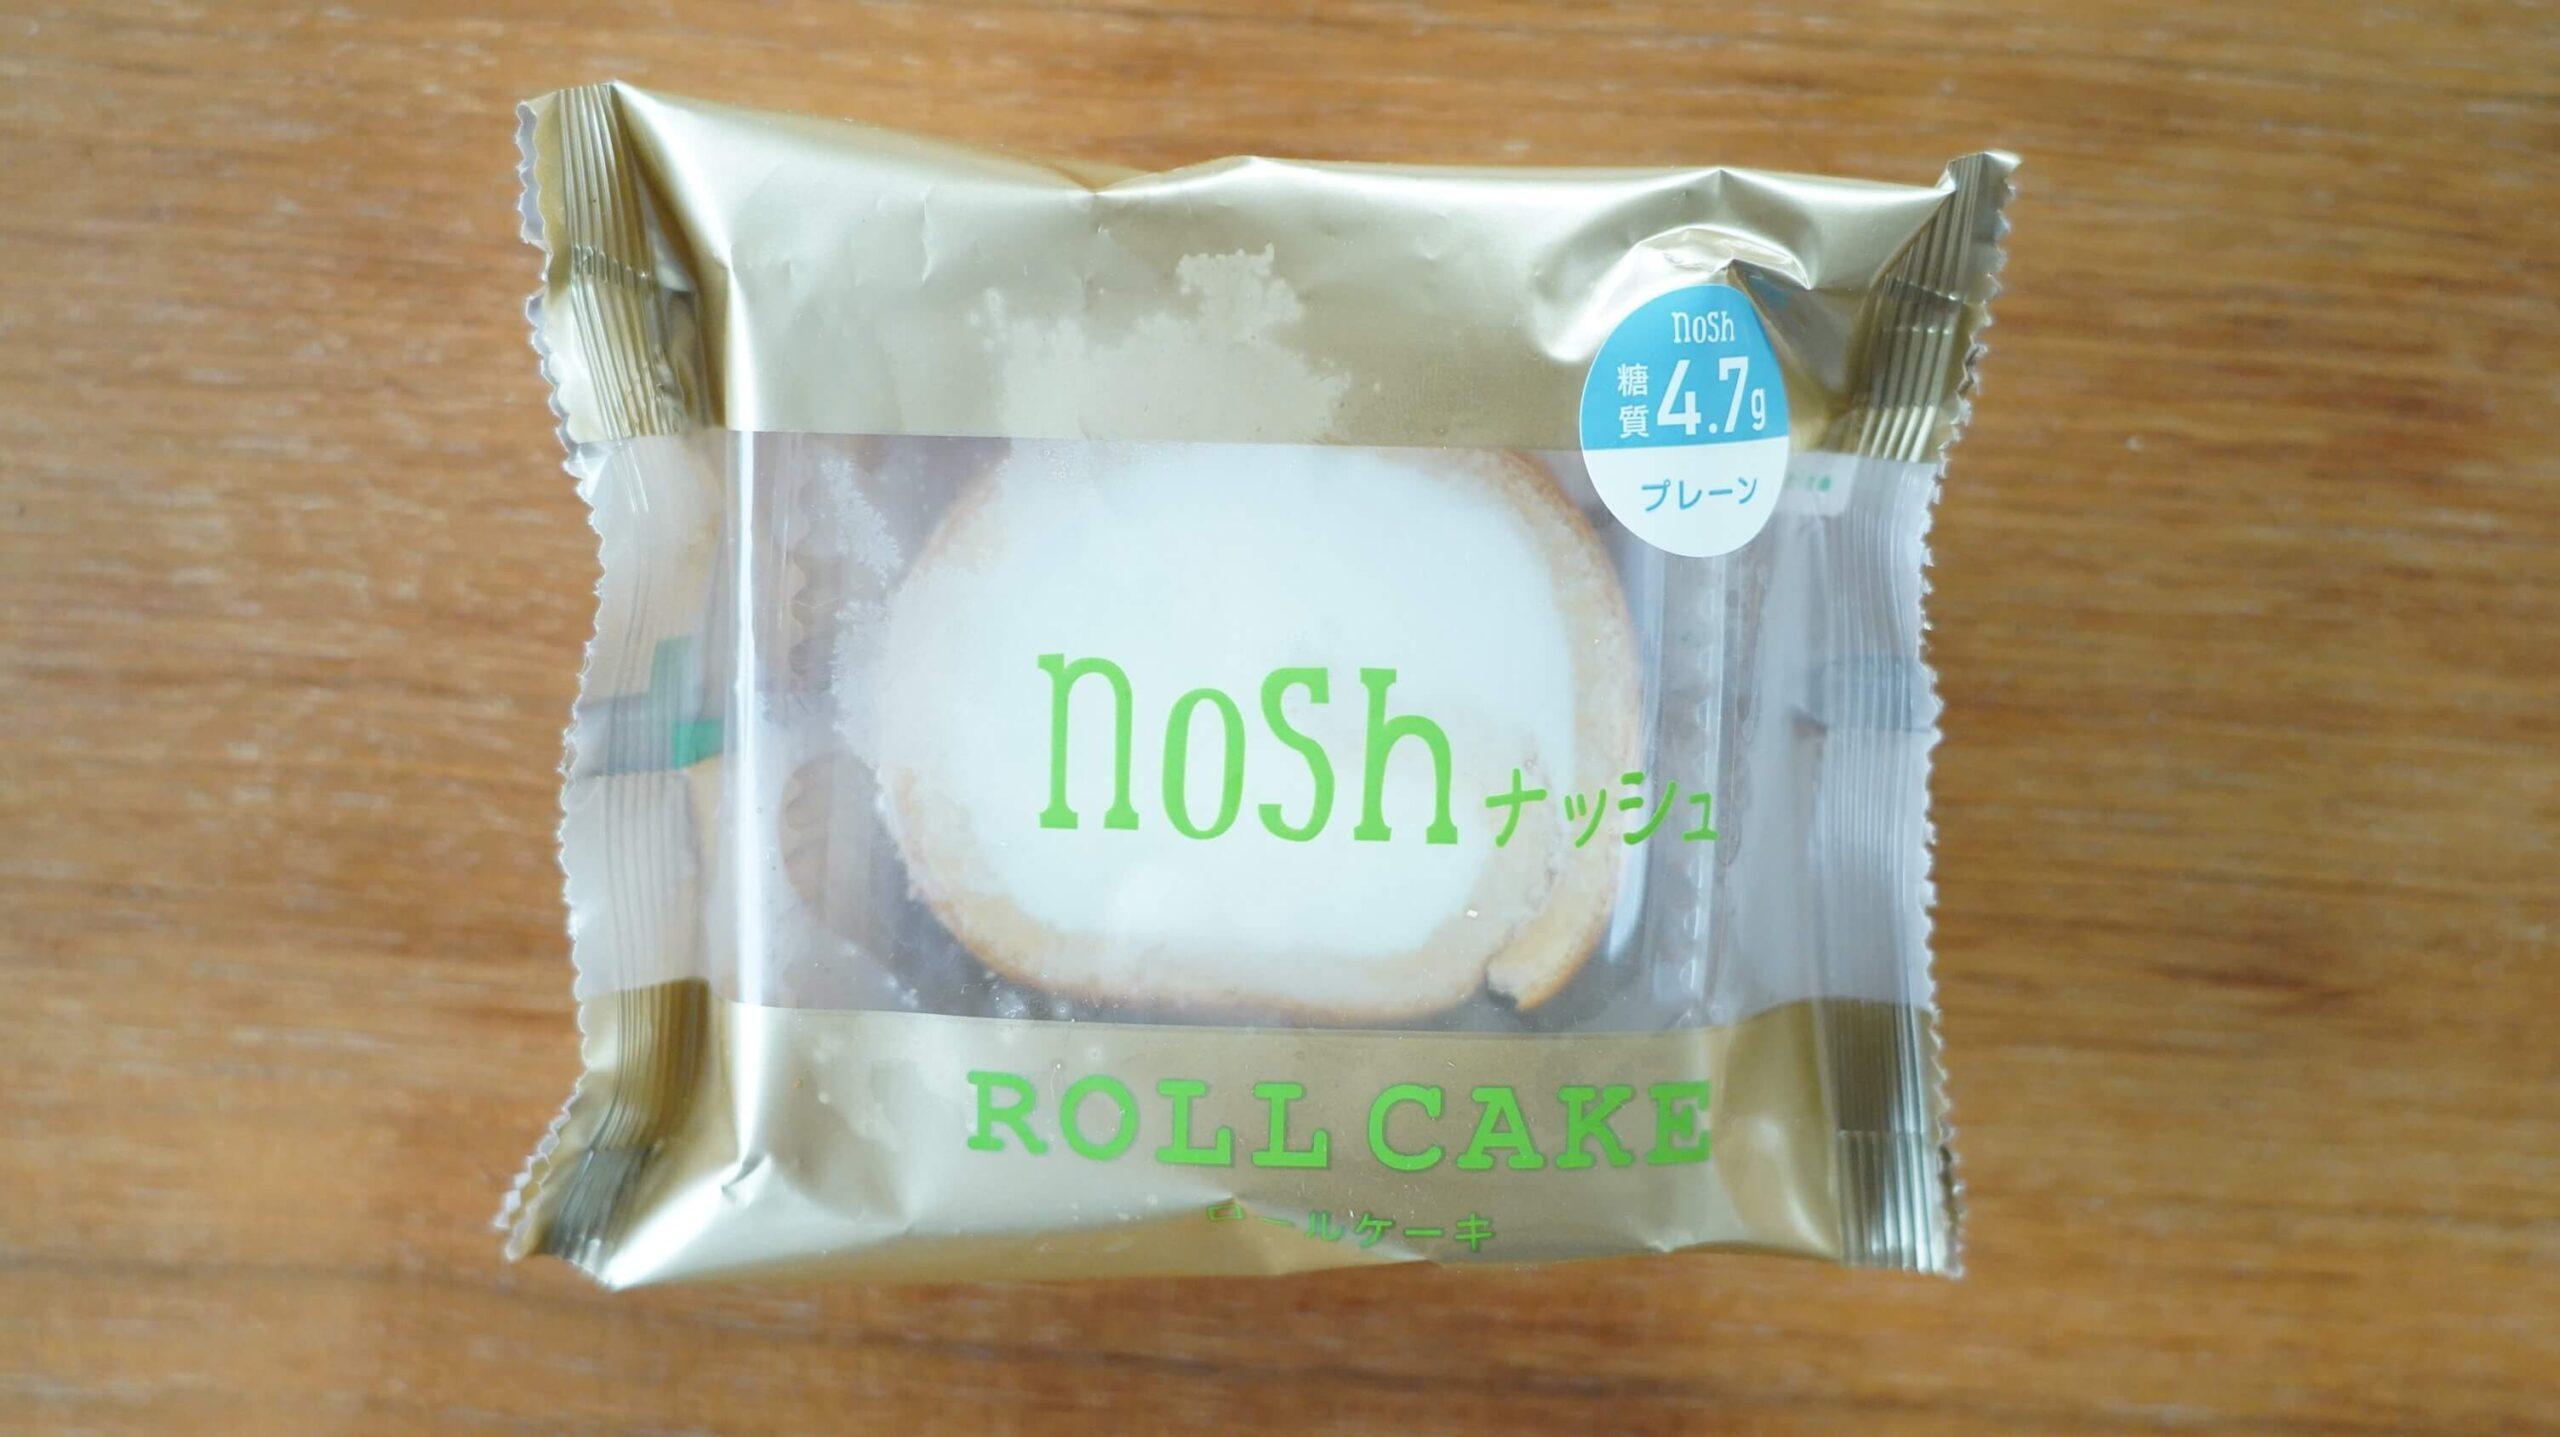 nosh(ナッシュ)の冷凍食品「ロールケーキ」のパッケージ写真